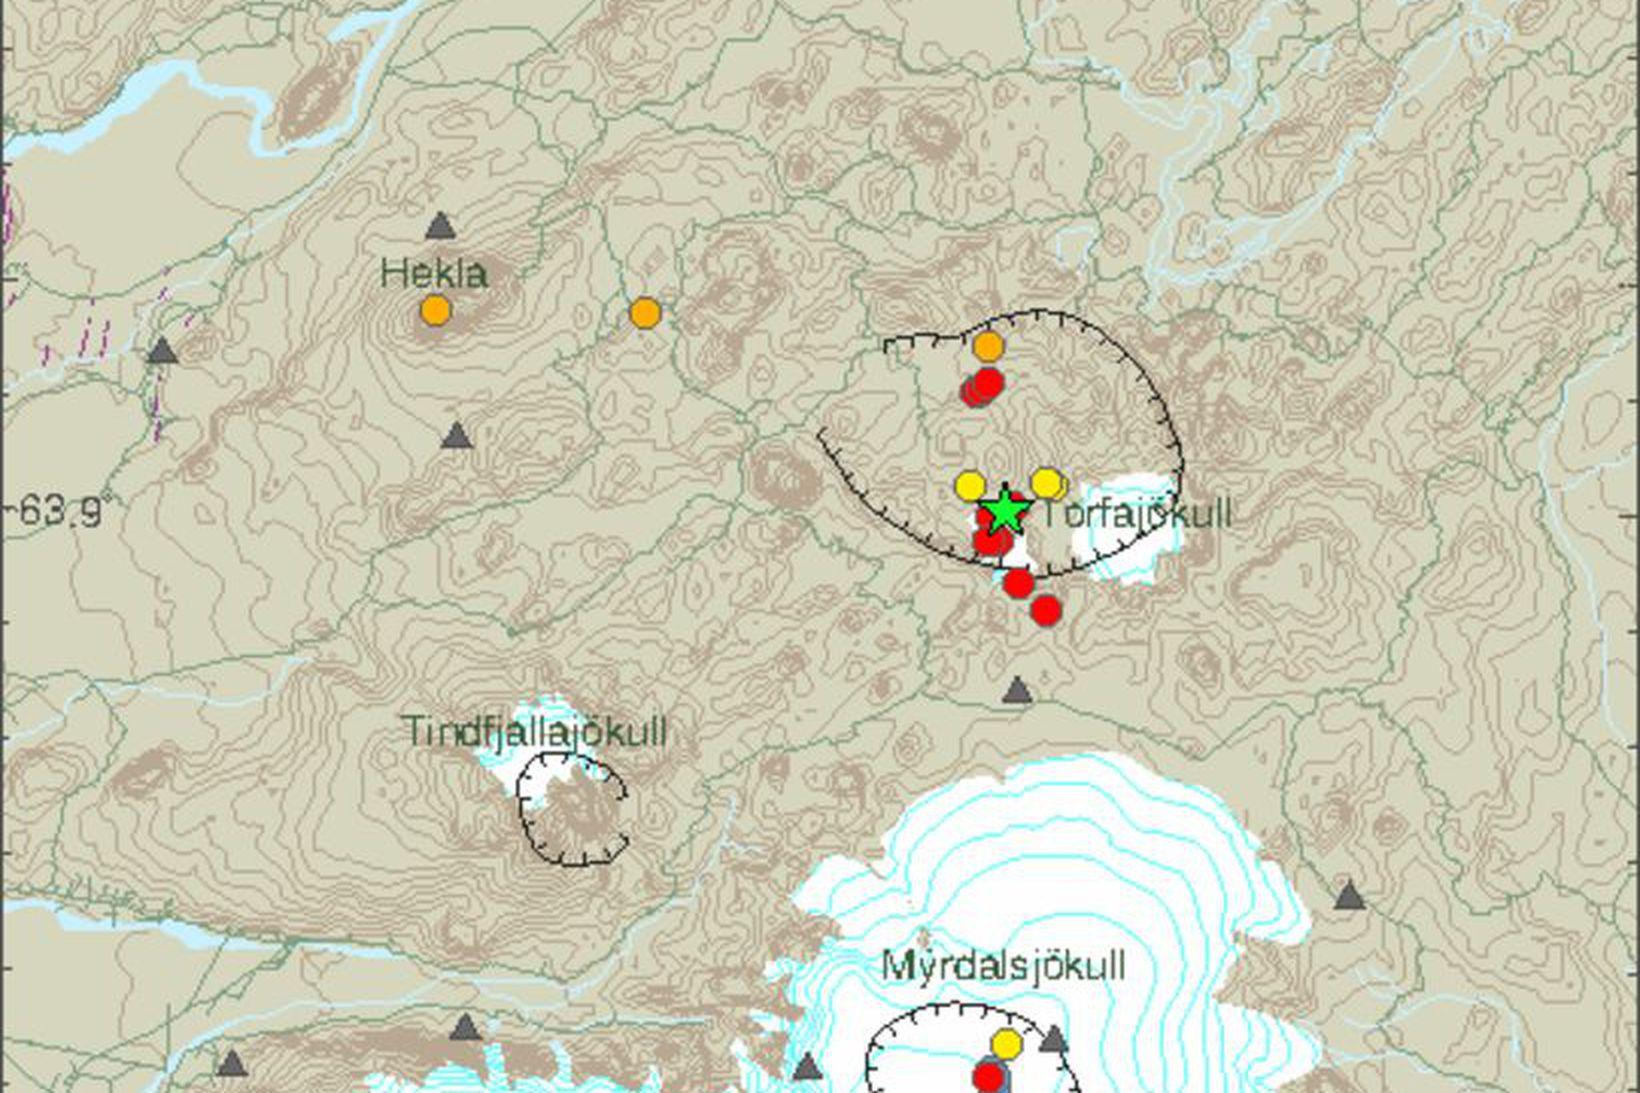 Skjálfti af stærðinni 3,3 mældist í Torfajökli kl. 14:15 í …